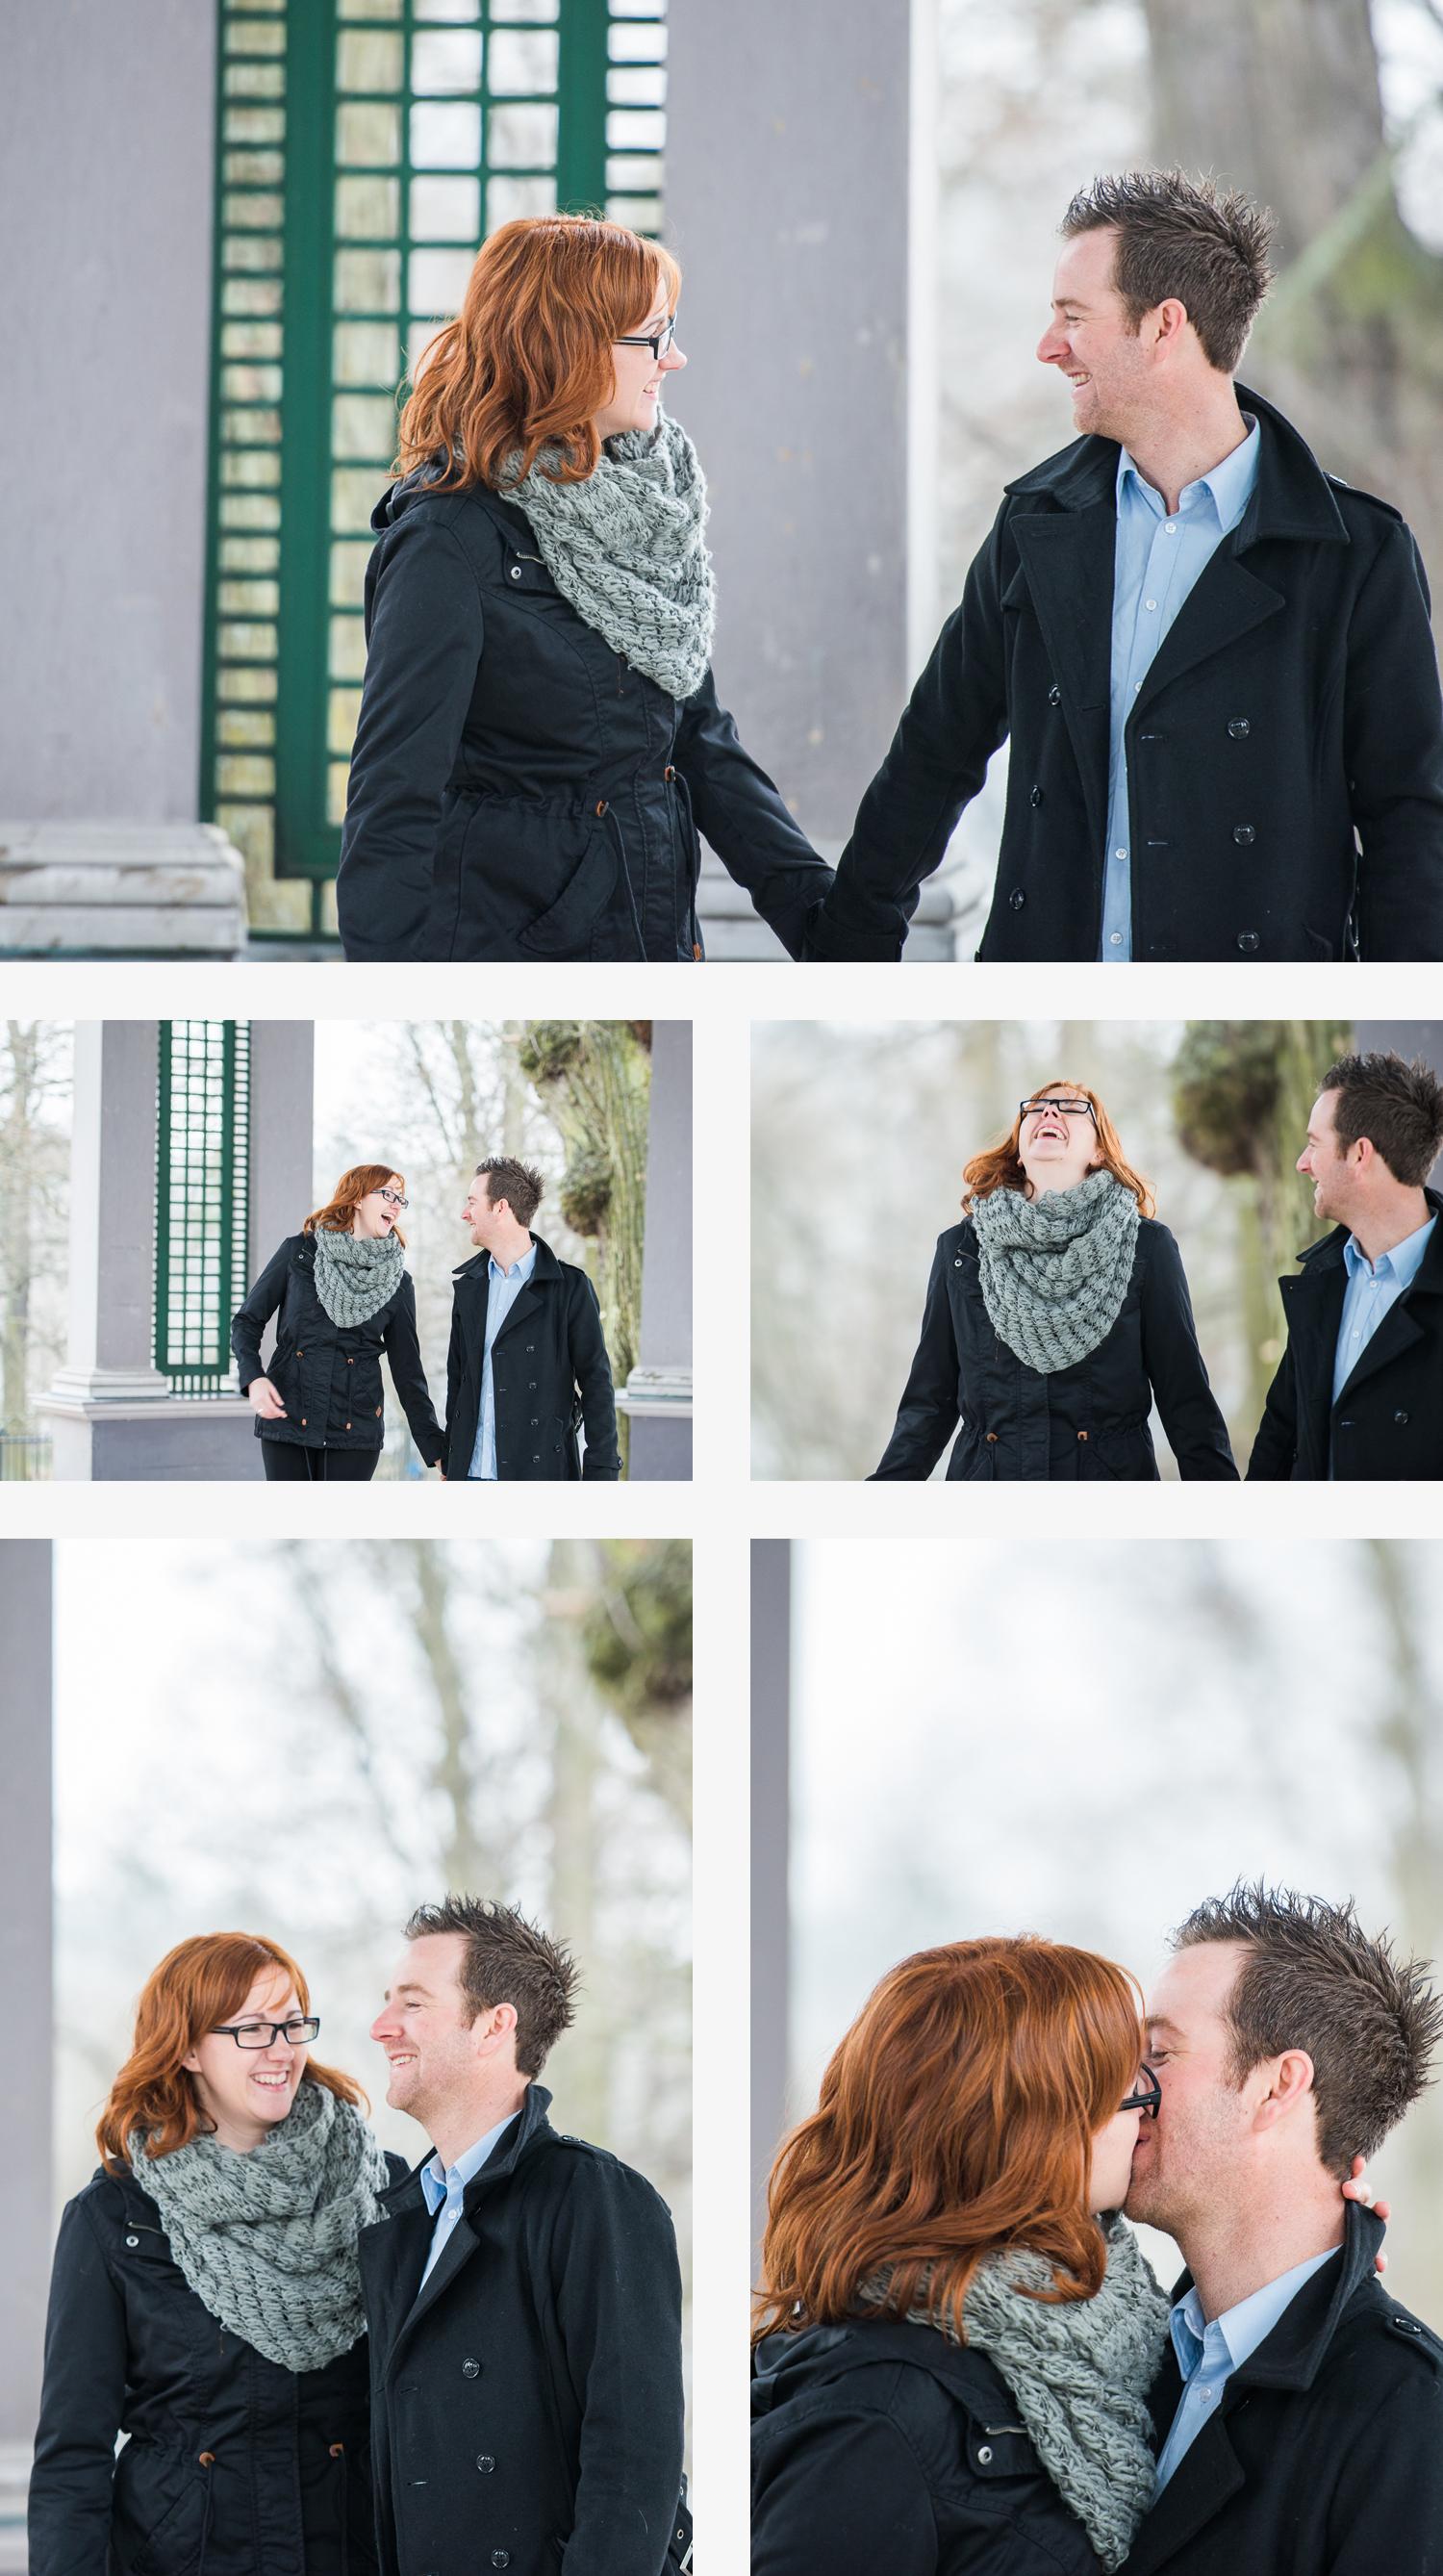 brandwold.se-beloved-parfotografering-stockholm-1